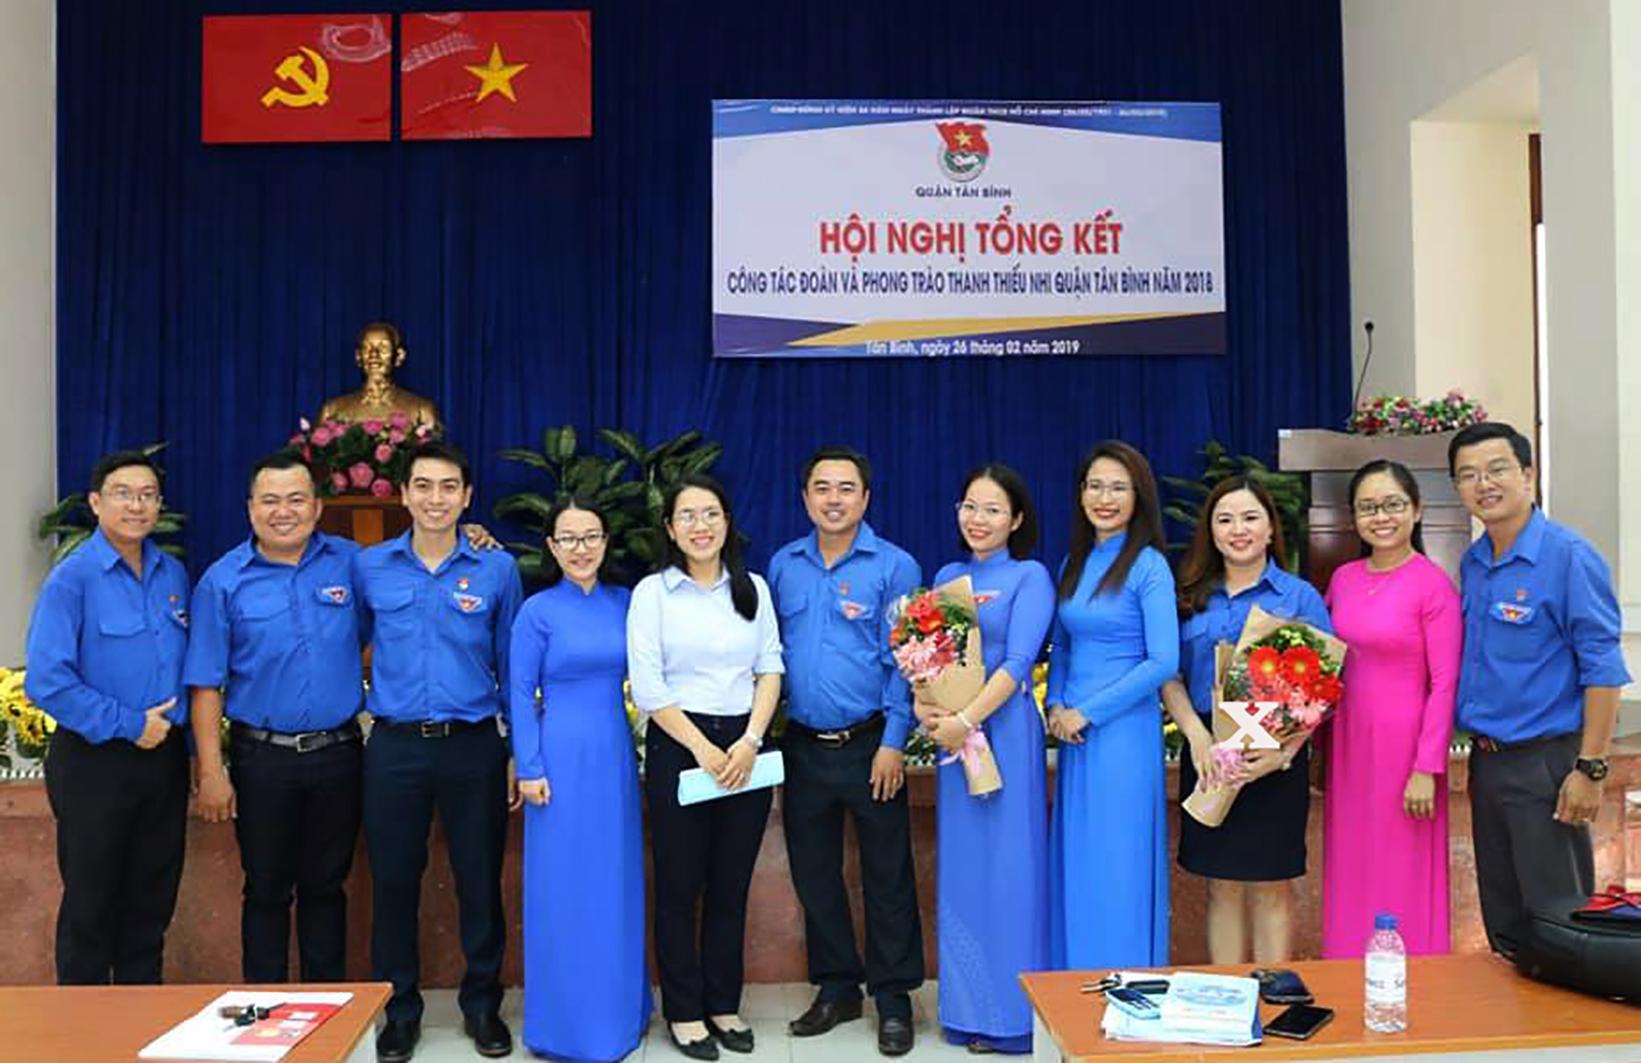 Công ty bảo vệ tại Hồ Chí Minh